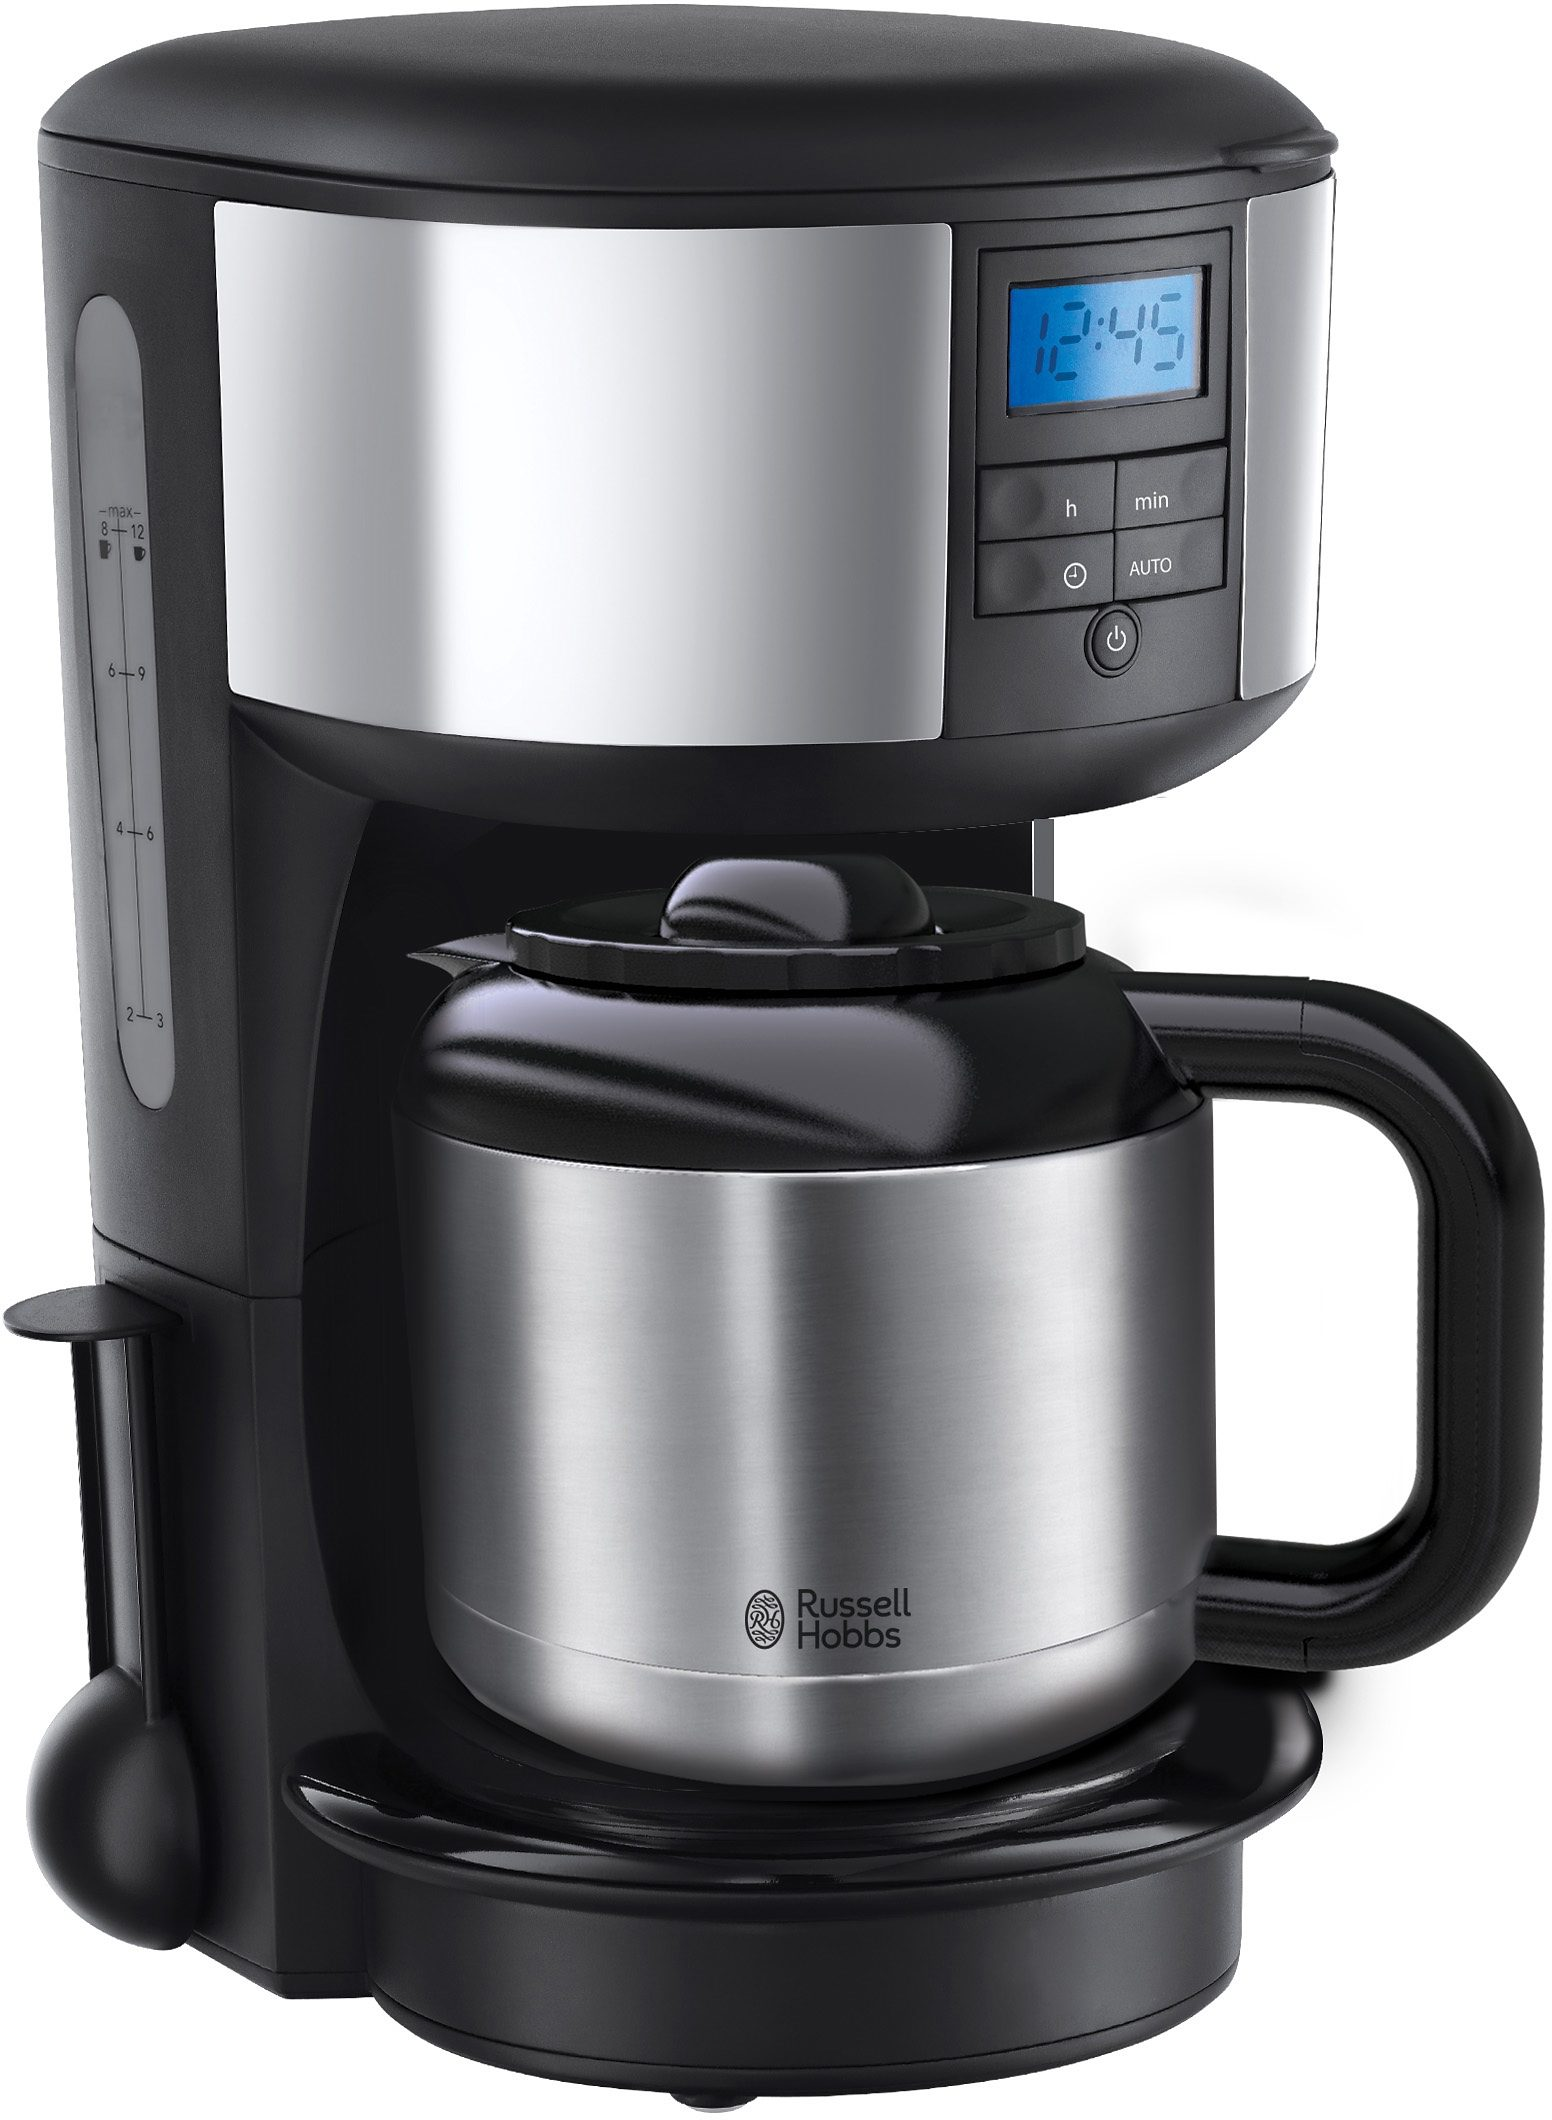 RUSSELL HOBBS Filterkaffeemaschine Chester 20670-56, 1,1l Kaffeekanne, Papierfilter 1x4